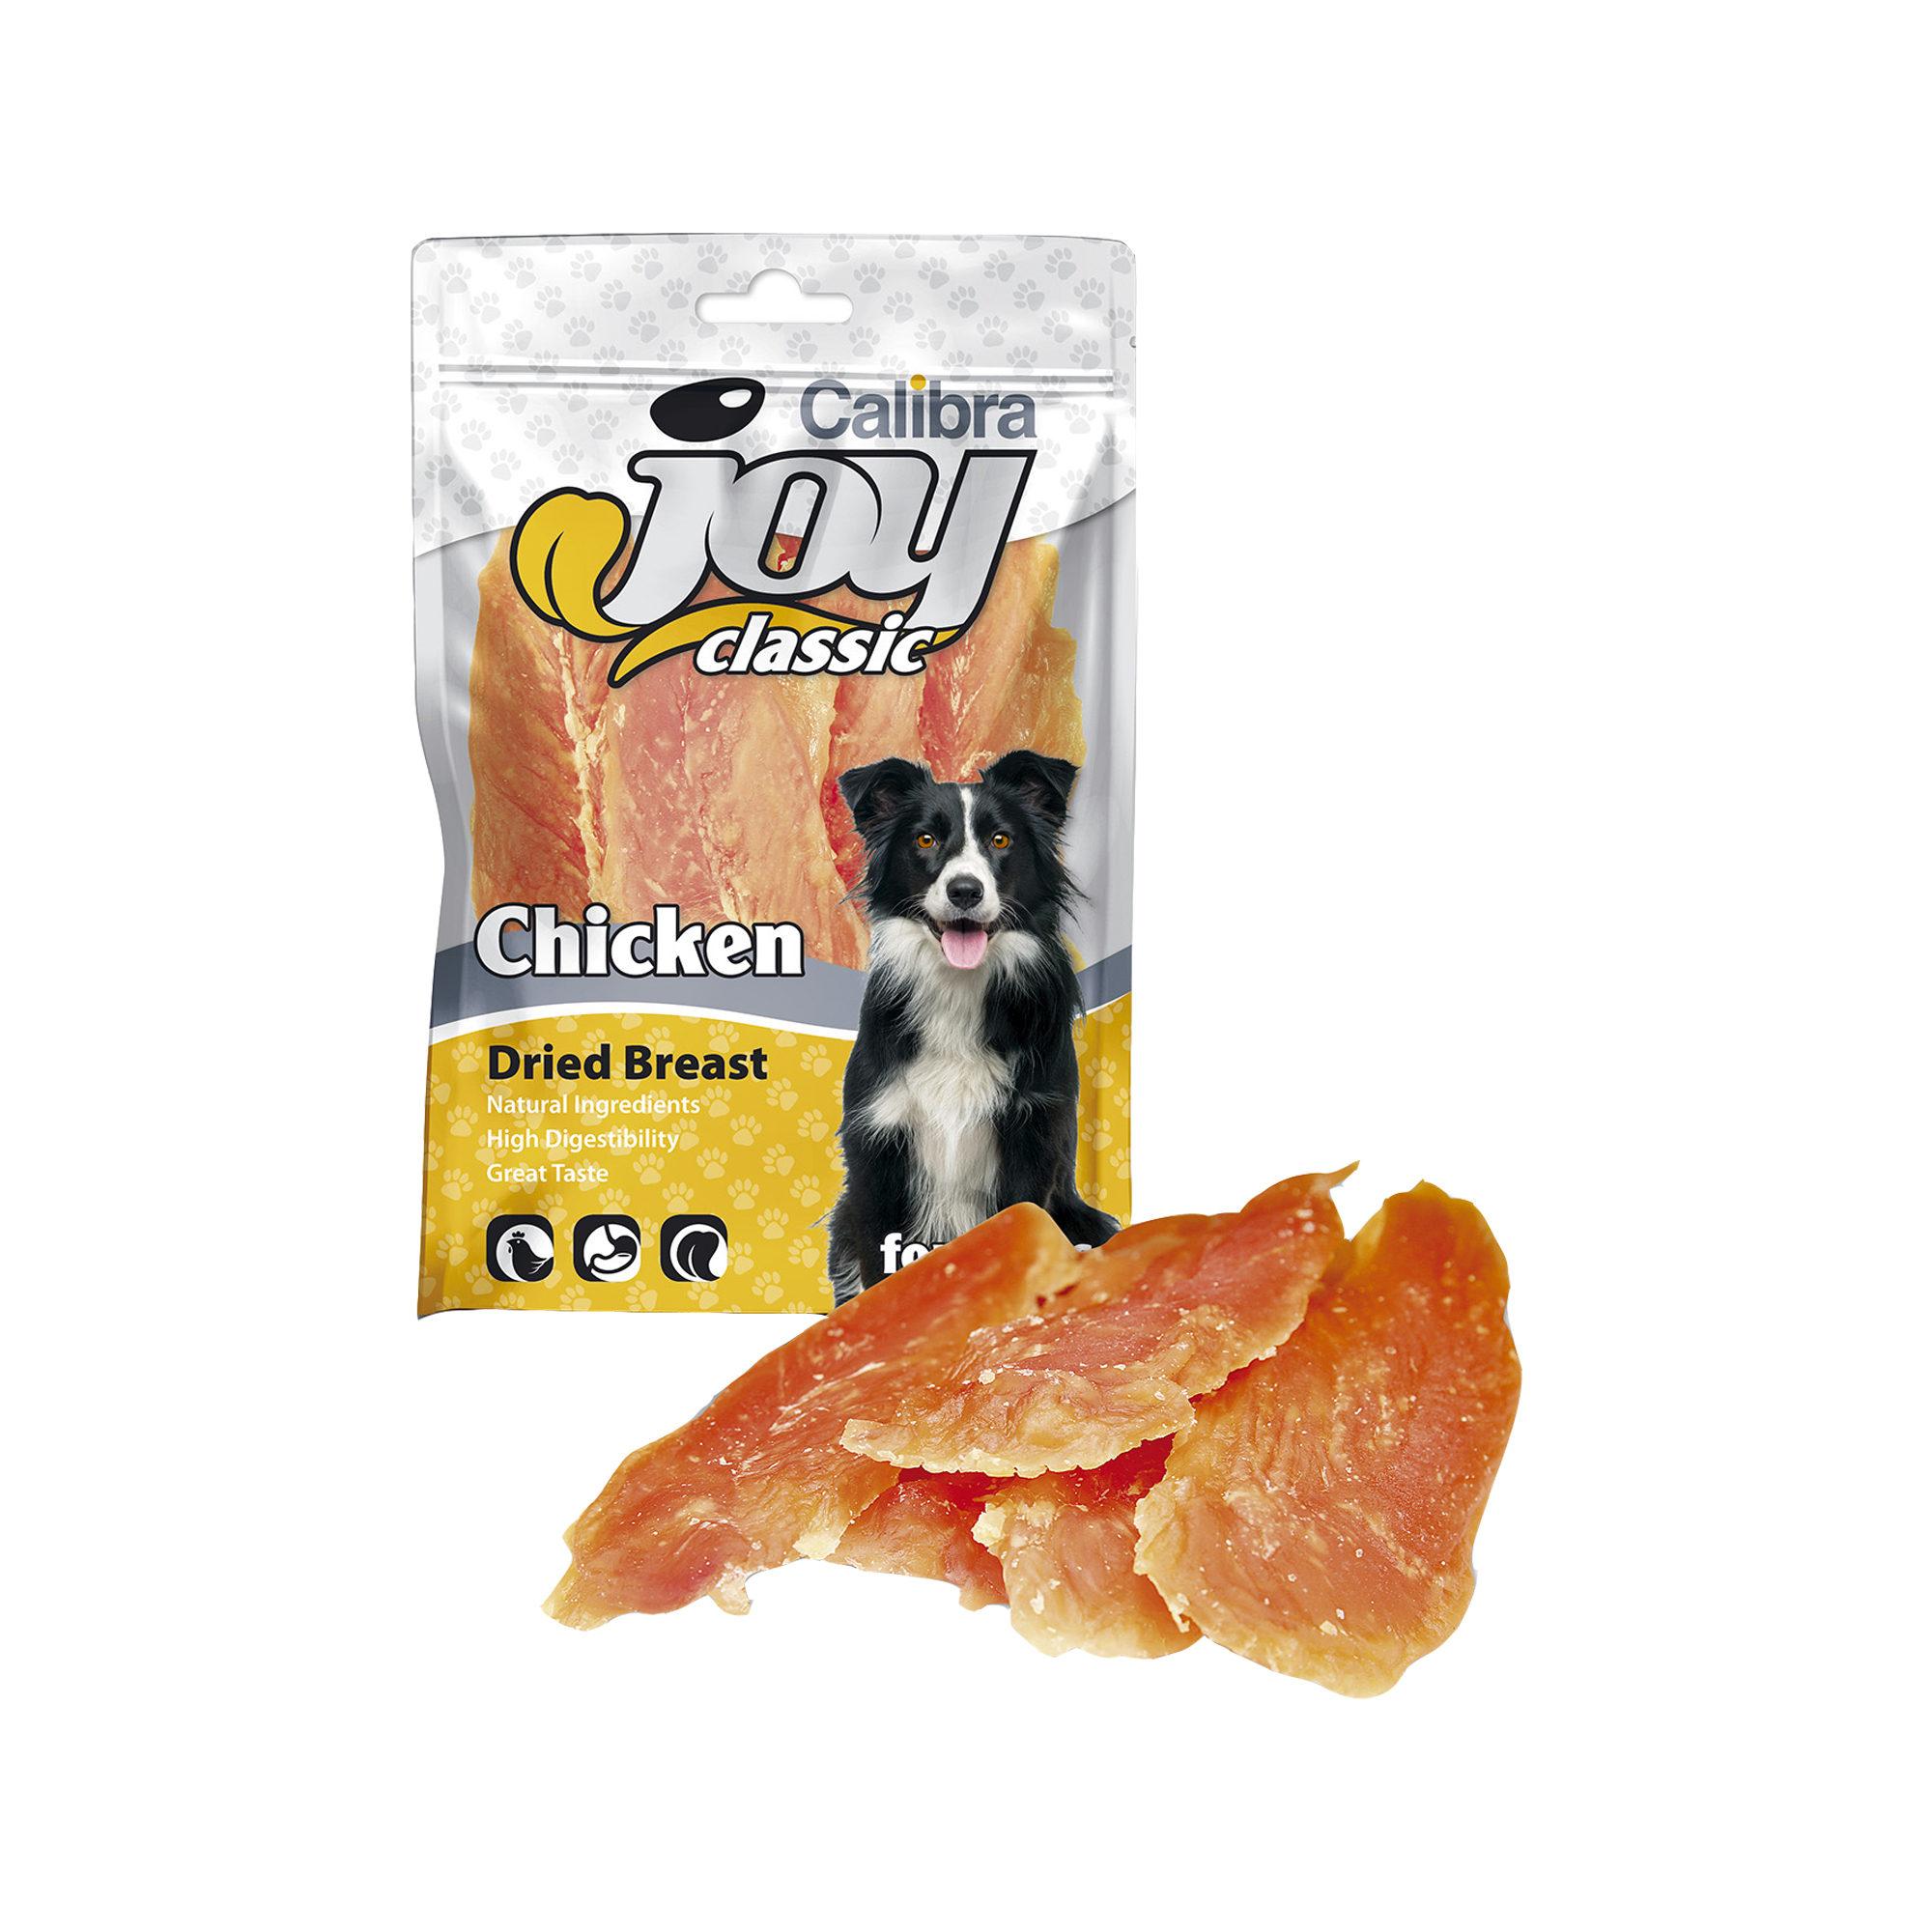 Calibra Classic Joy - Chicken Breast